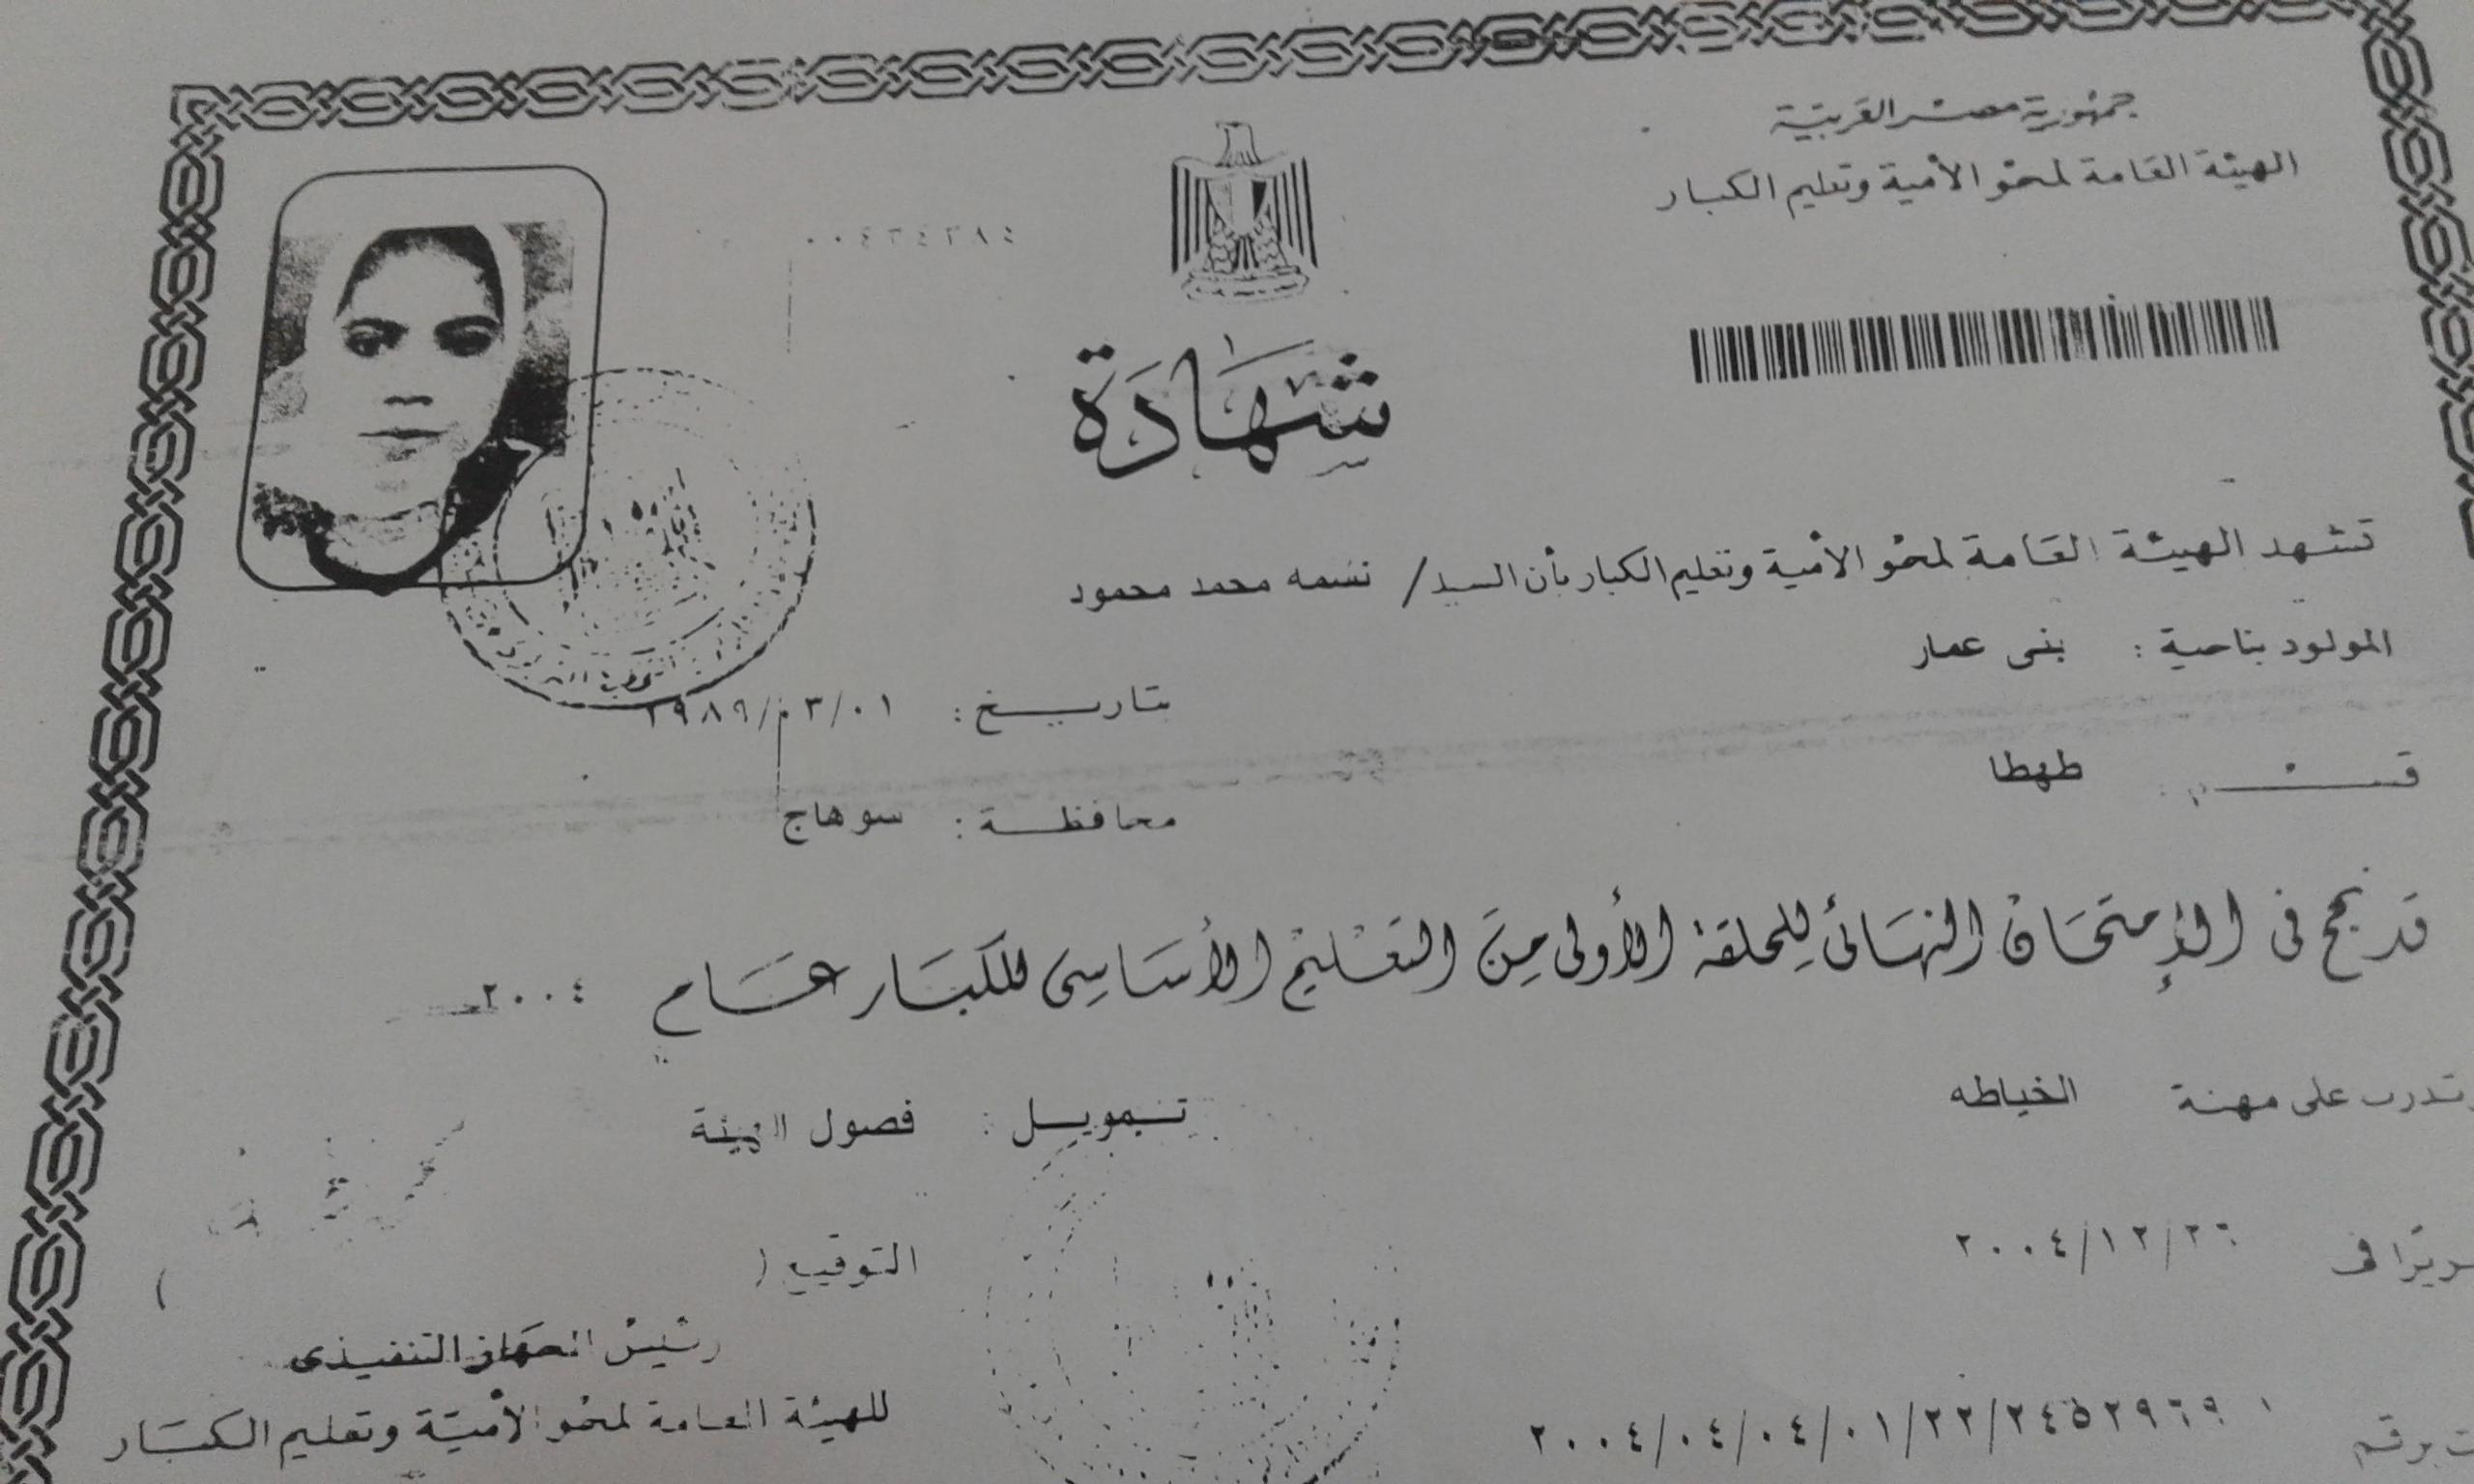 نسمة أنارت ظلام الجهل.. كفاح فتاة بسوهاج محت أميتها وحصلت على مؤهل متوسط لتنفق على والدتها (2)